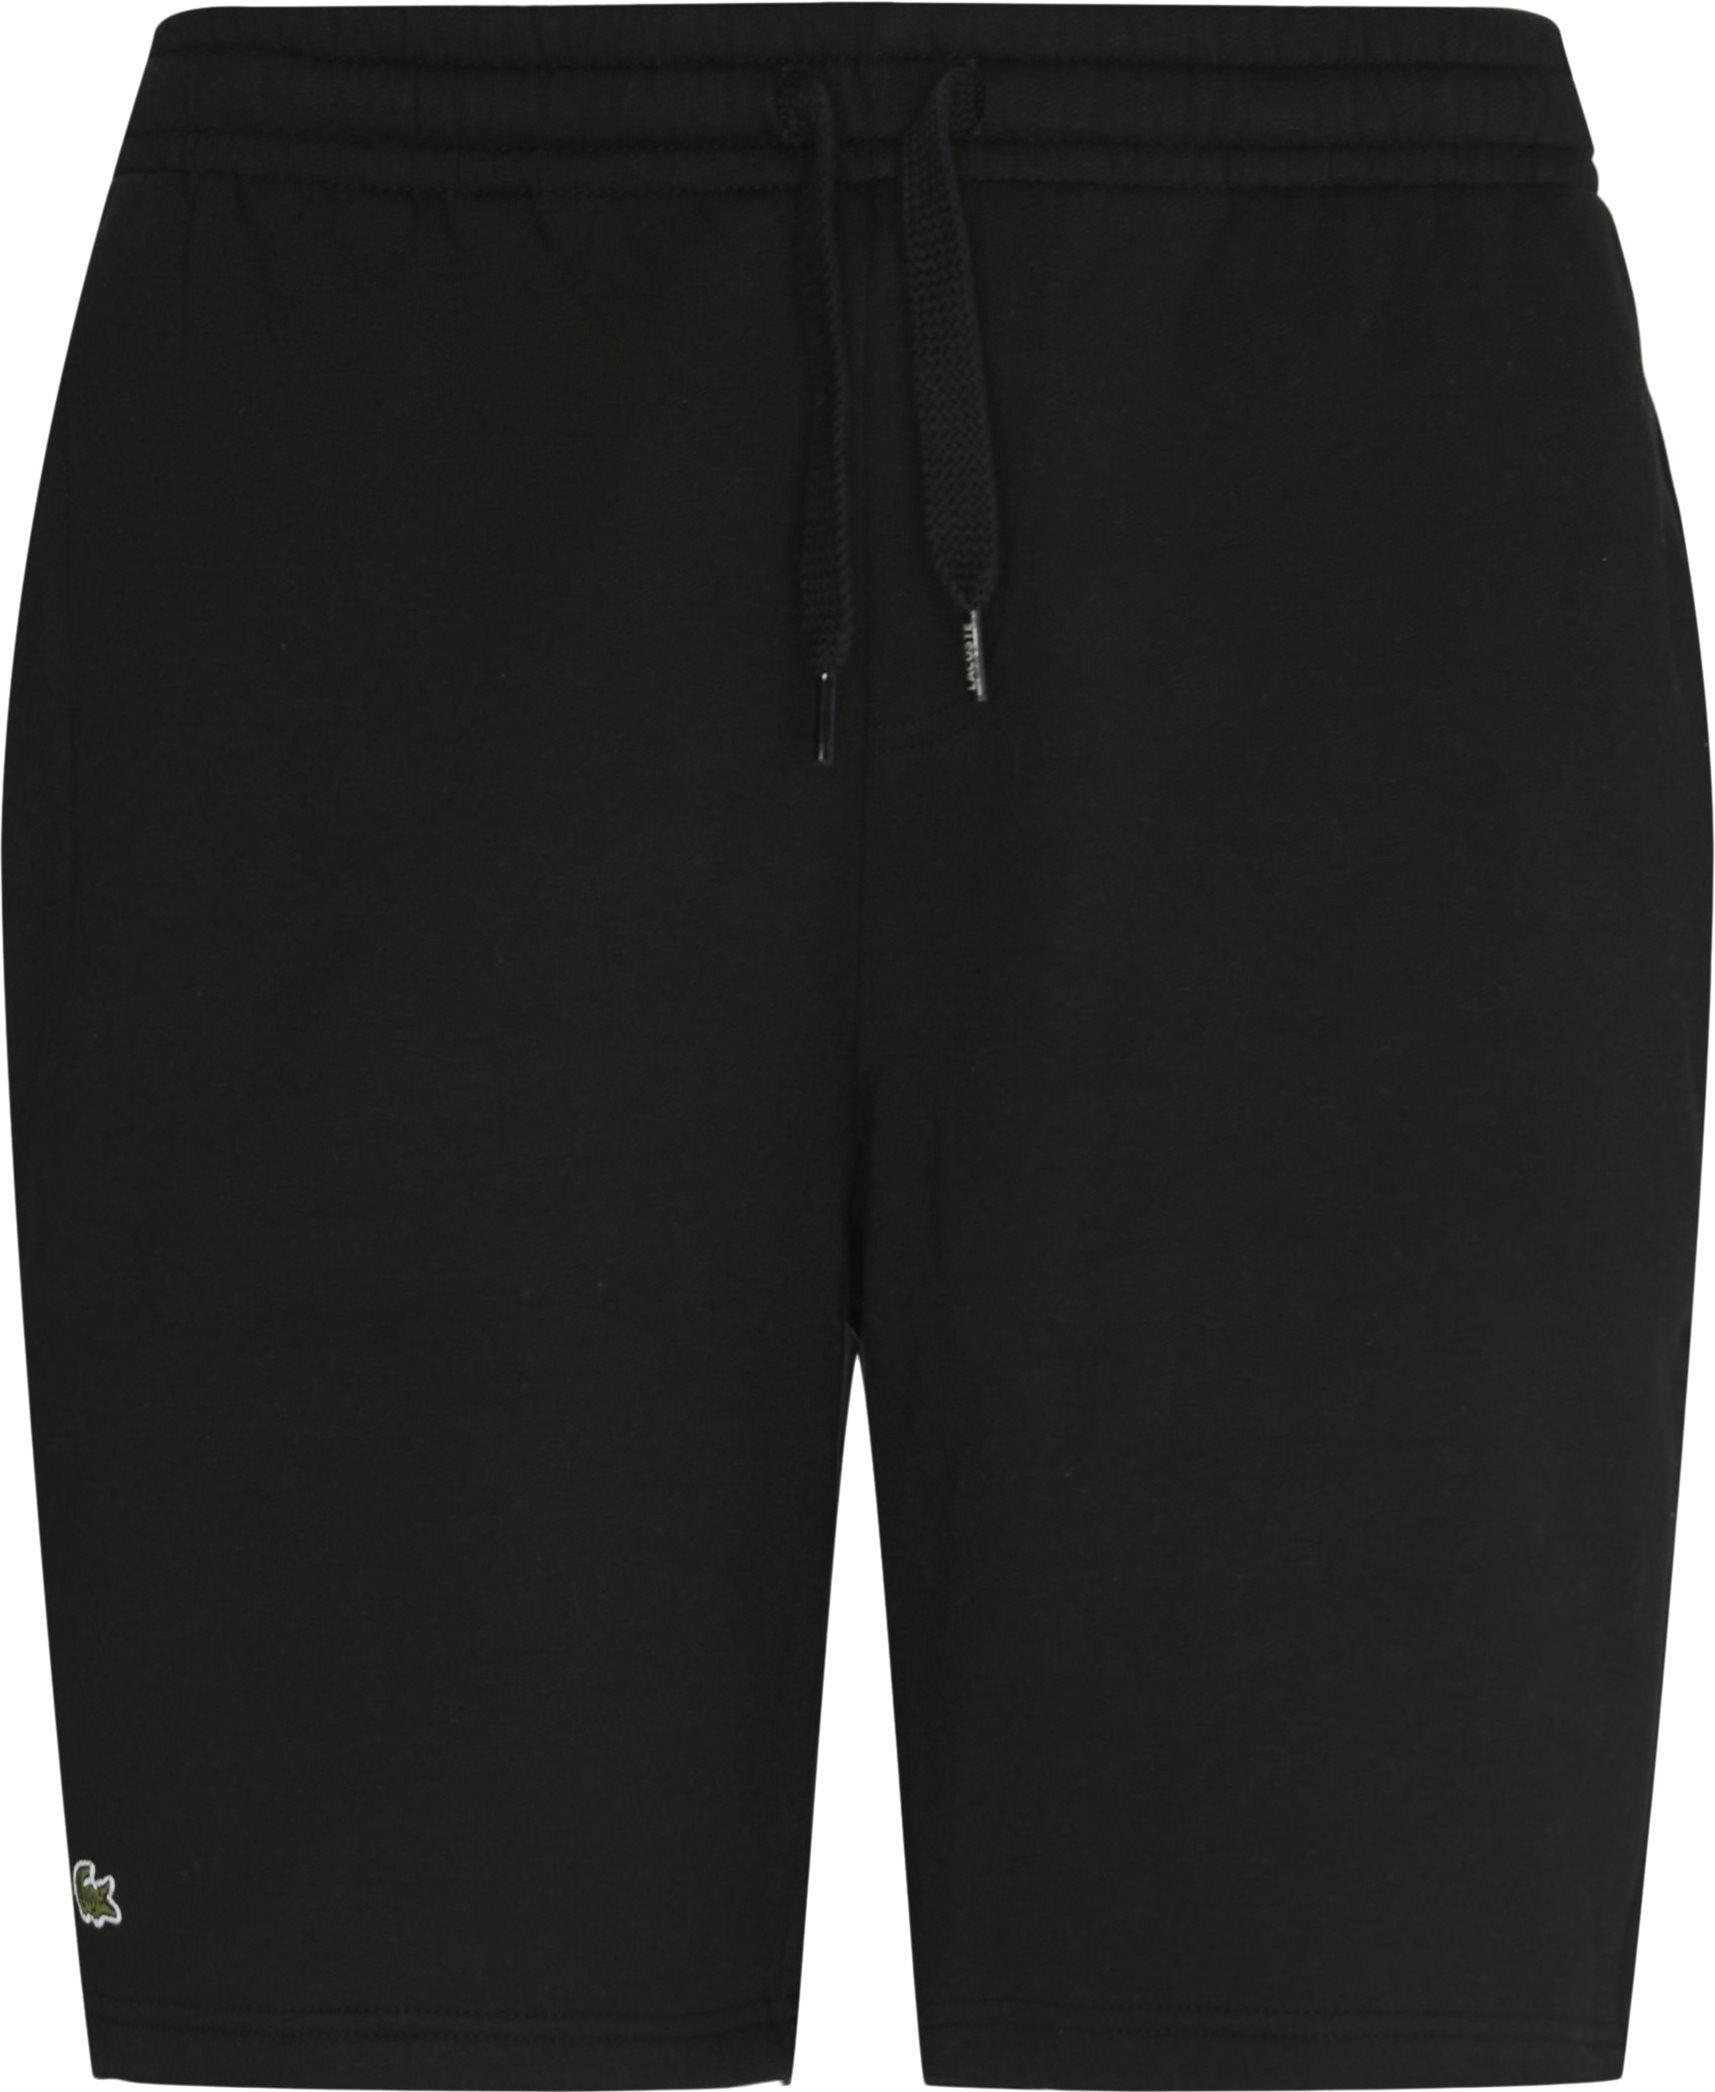 Tennis Fleece Shorts - Shorts - Regular - Sort